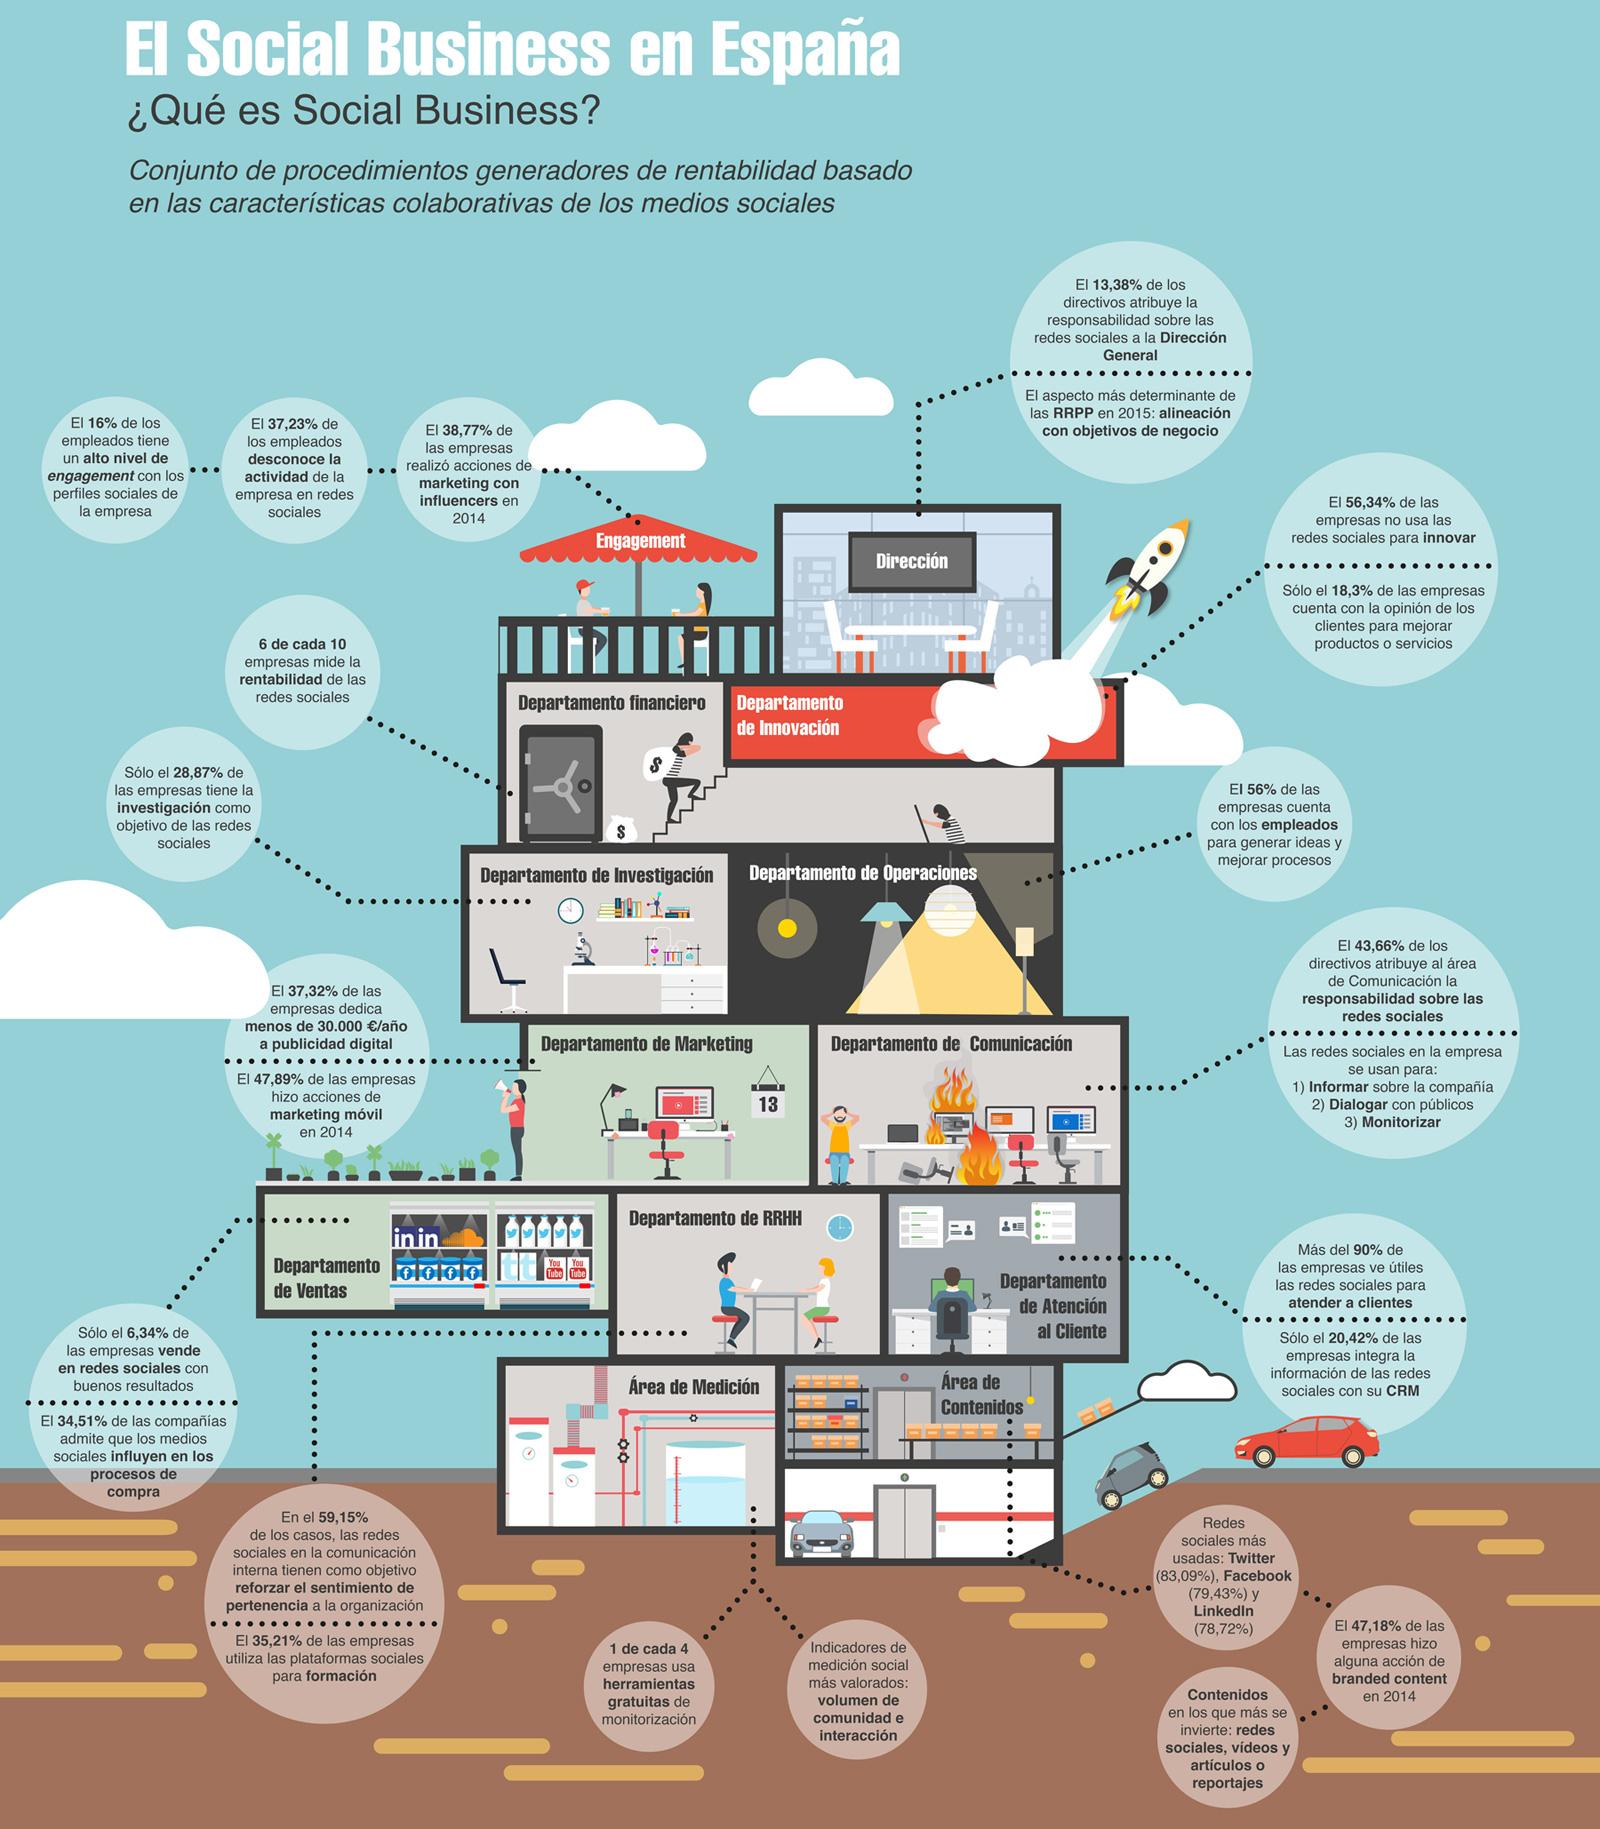 infografia-I-estudio-social-business-espana-2015-blog-acens